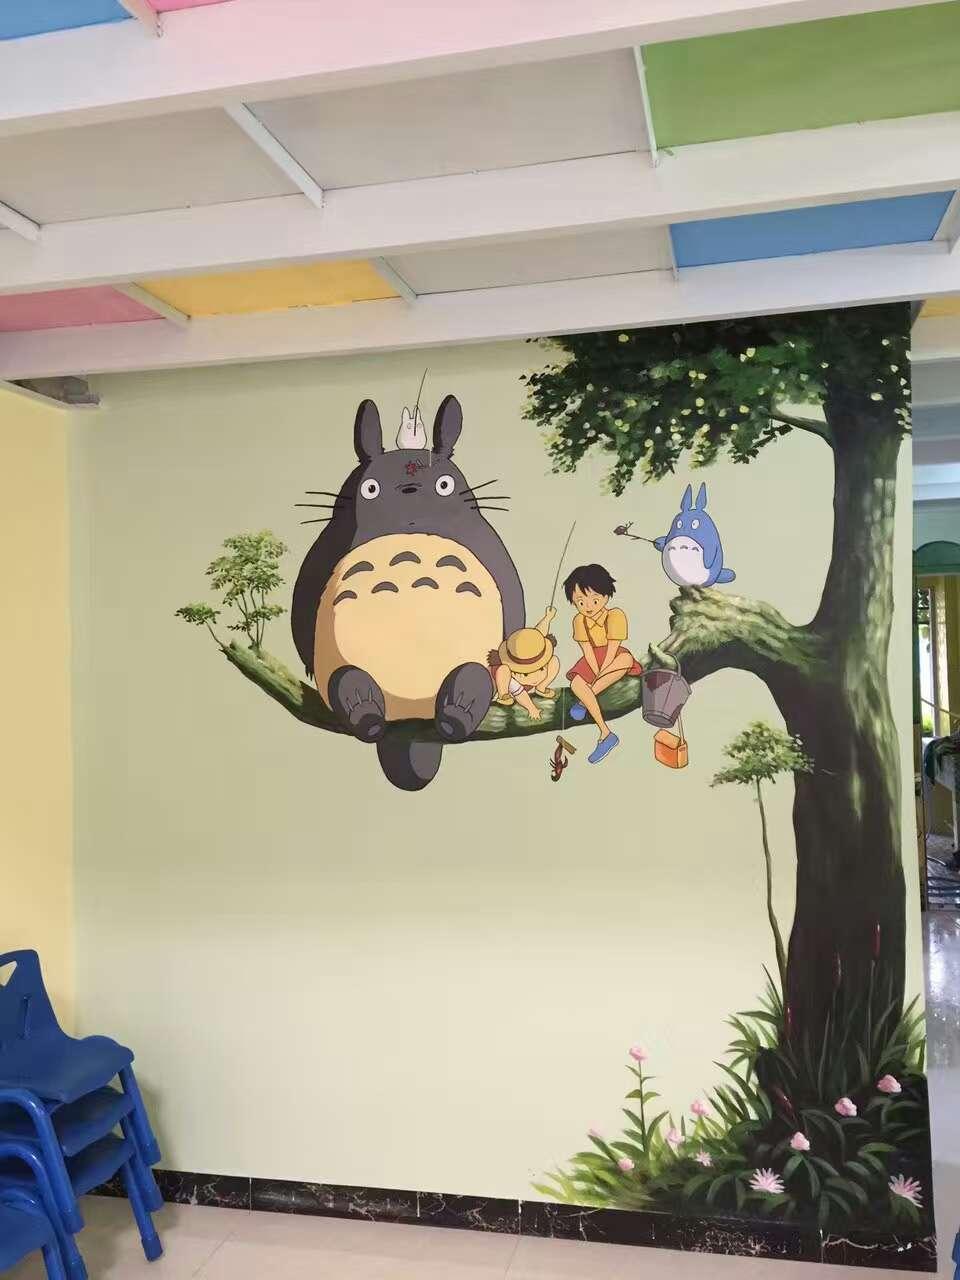 广州墙绘室内墙绘室内装修树上的龙猫